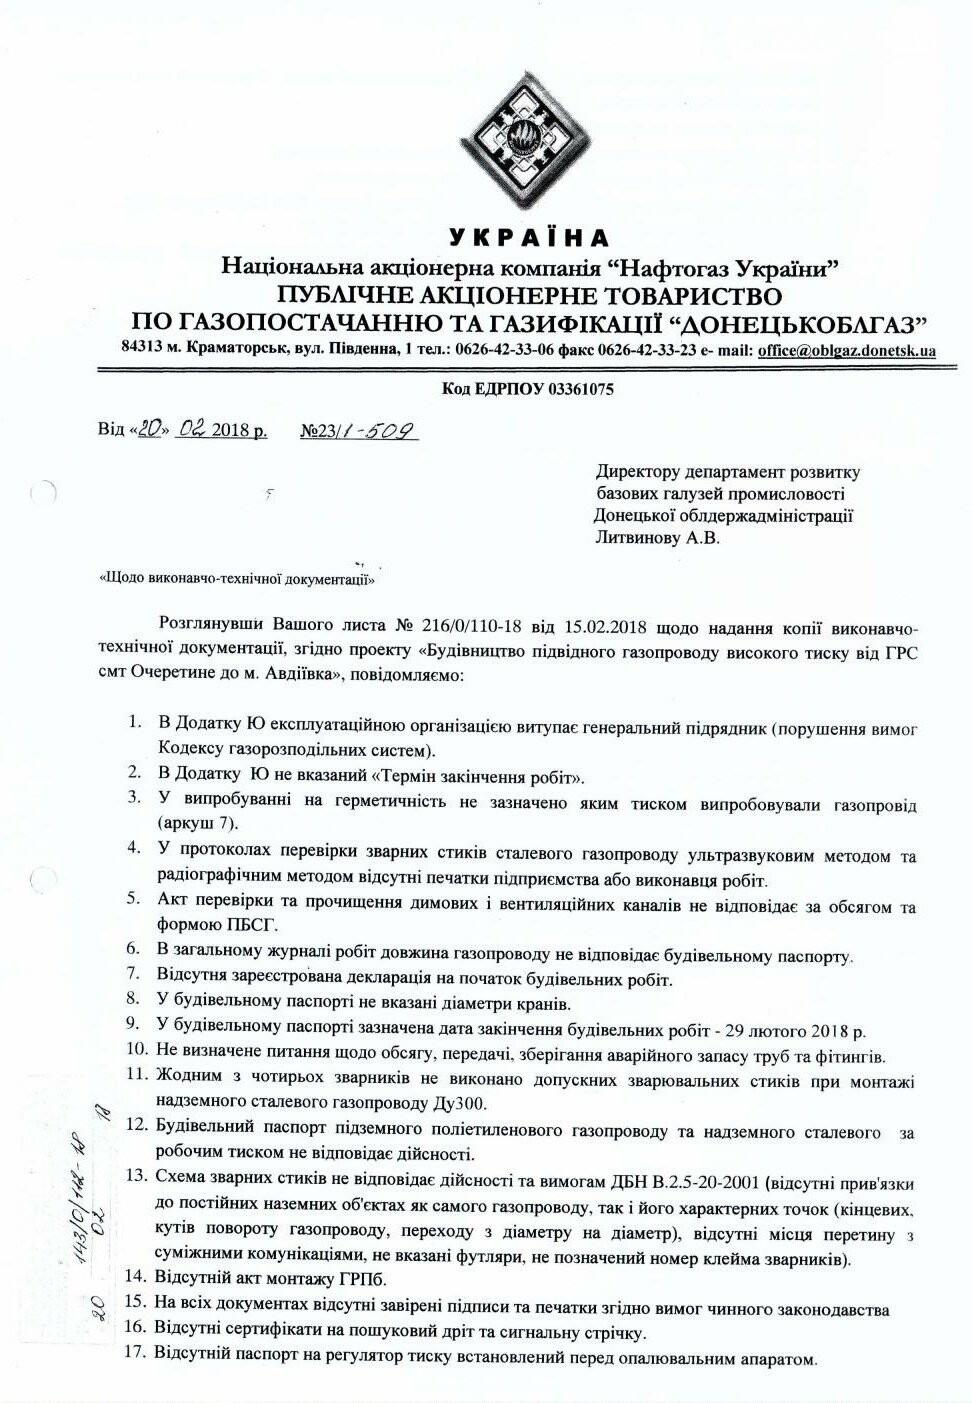 Авдеевский газопровод не прошел испытания, - Донецкоблгаз (ДОКУМЕНТ), фото-4